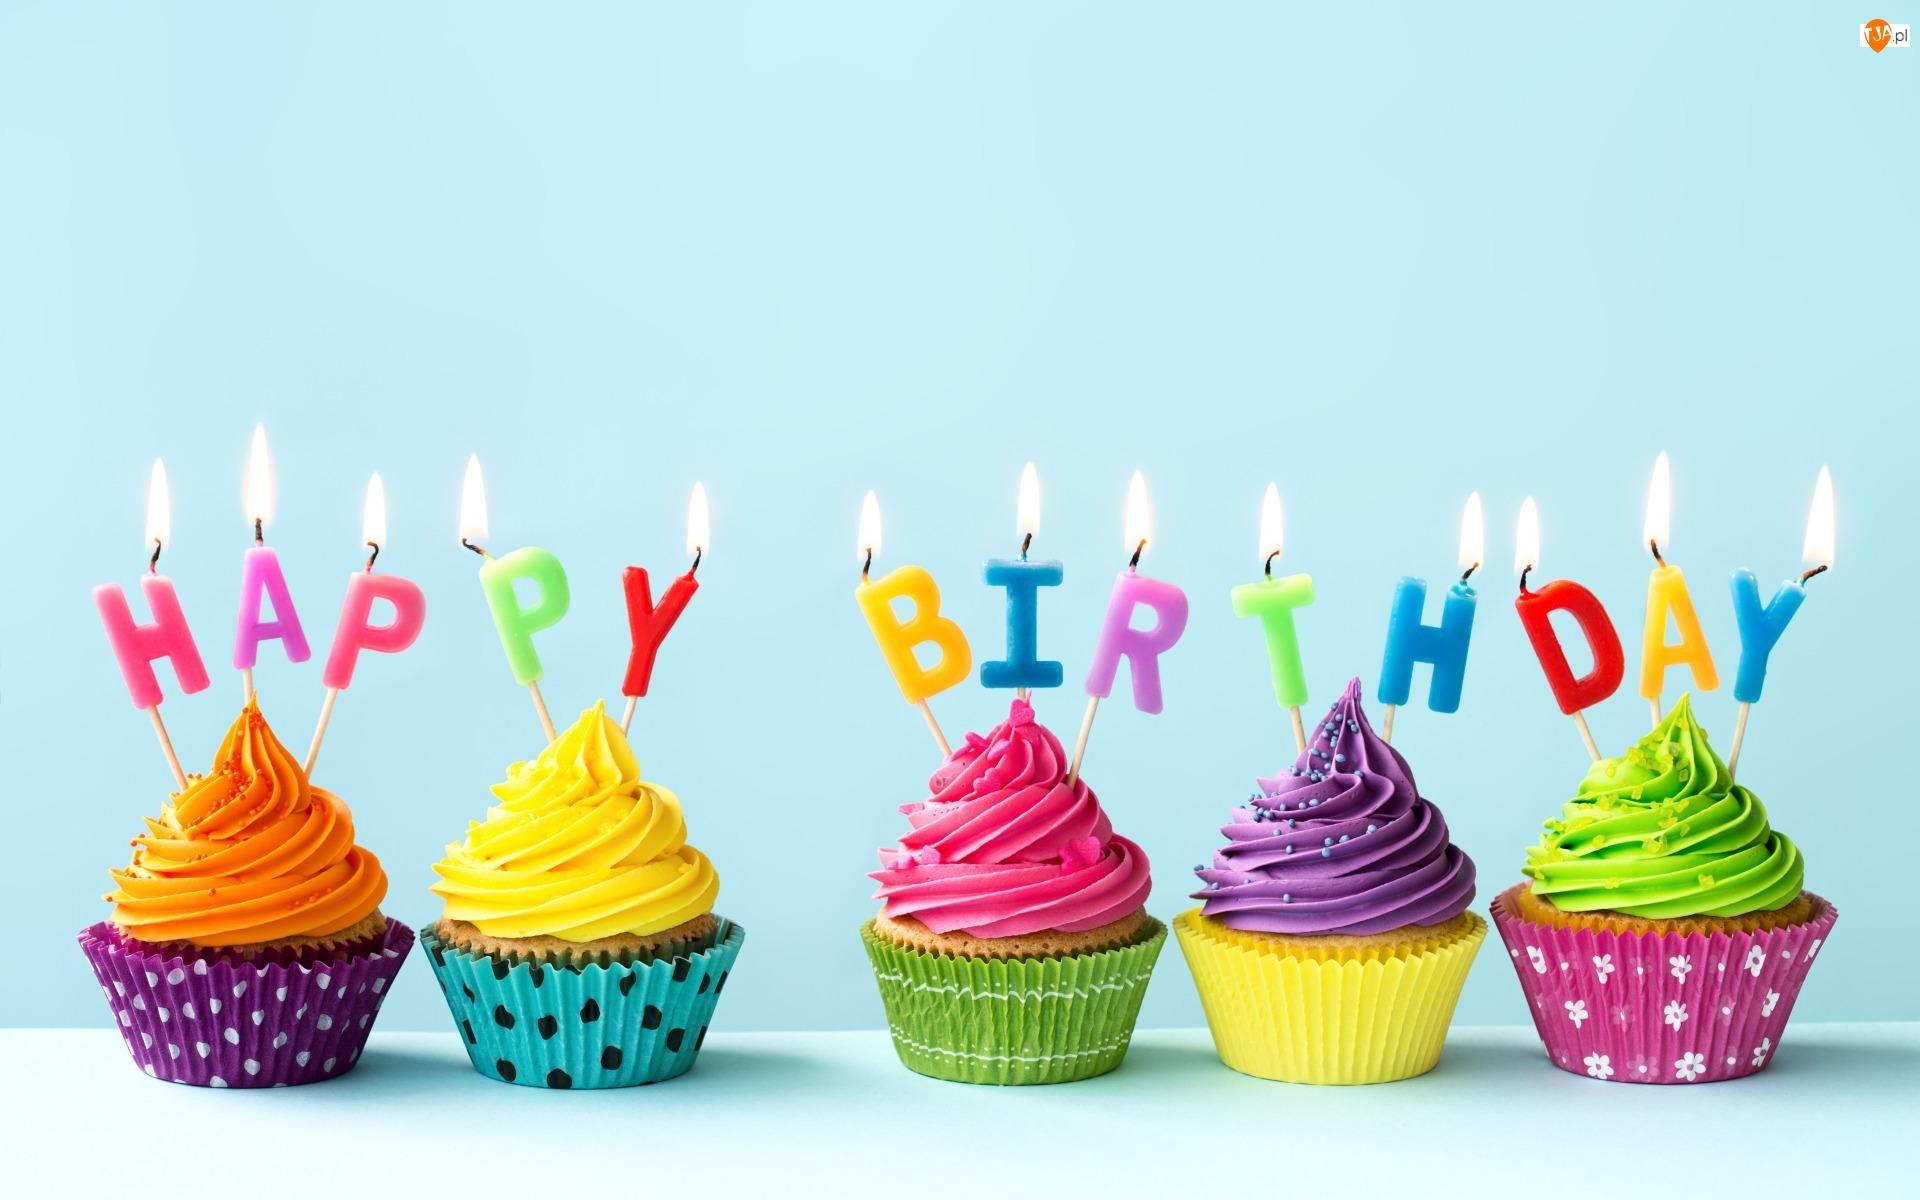 Napisy, Urodziny, Kolorowe, Krem, Świeczki, Babeczki